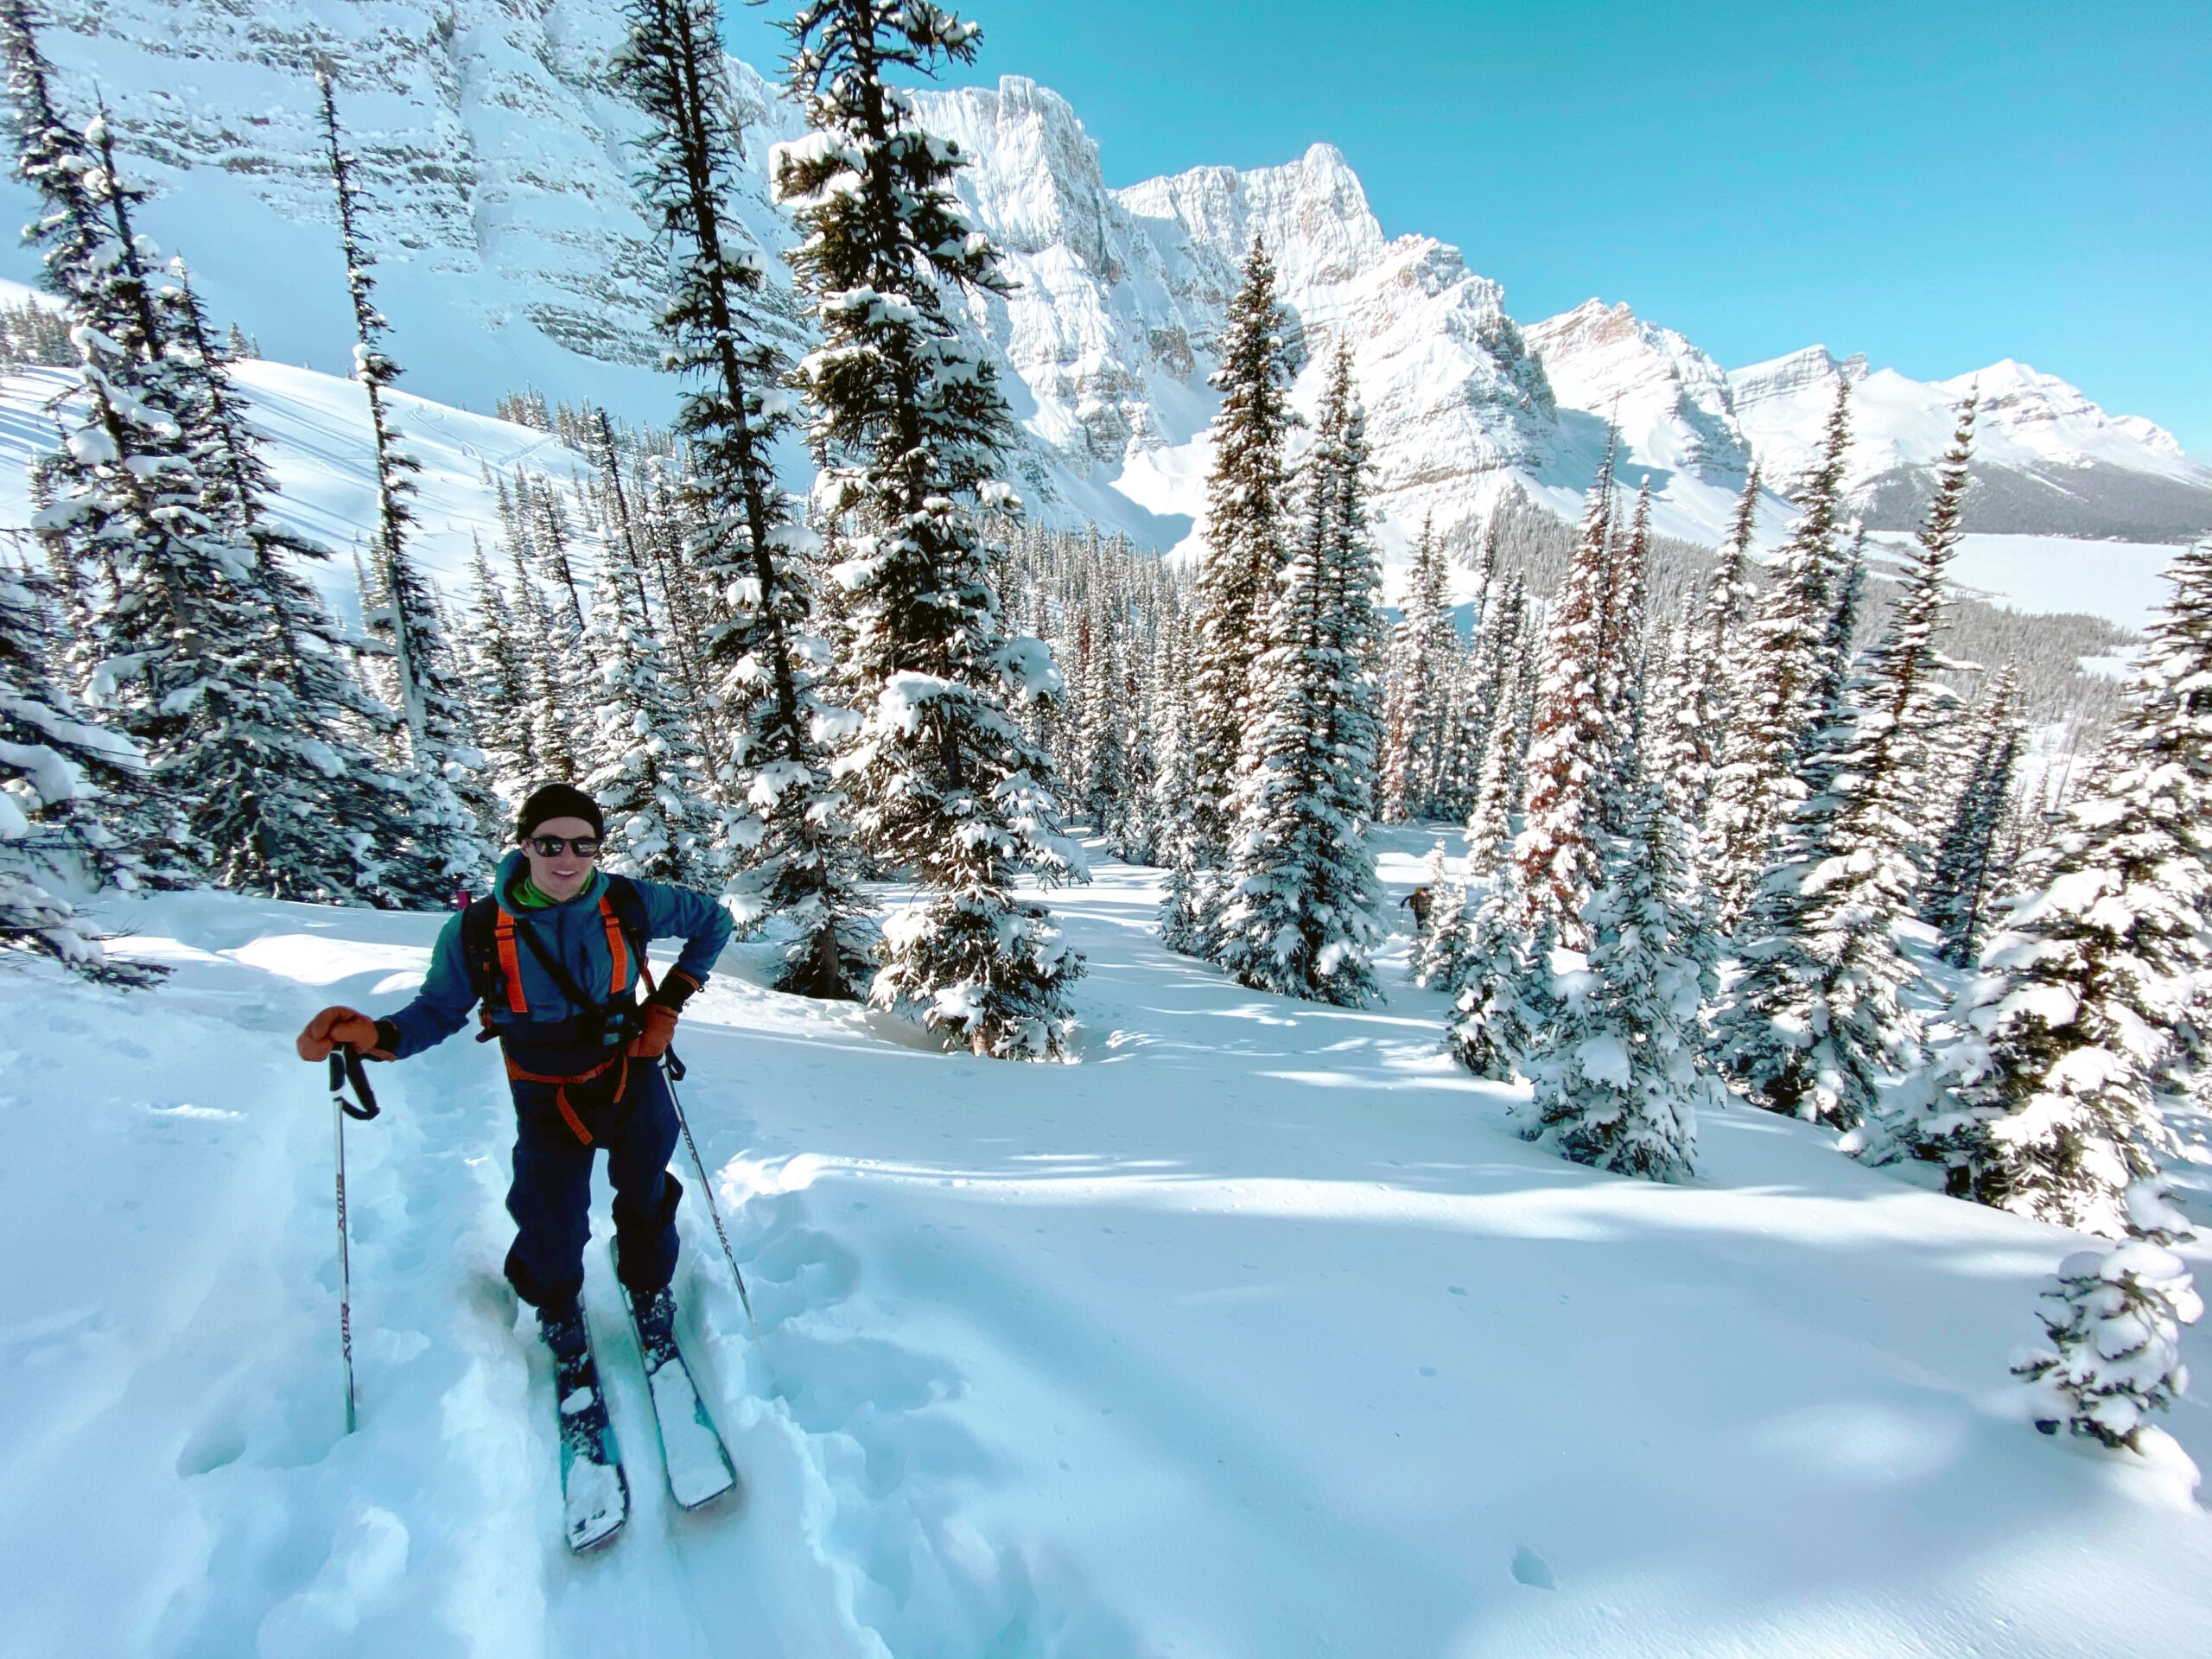 Moragan ski touring